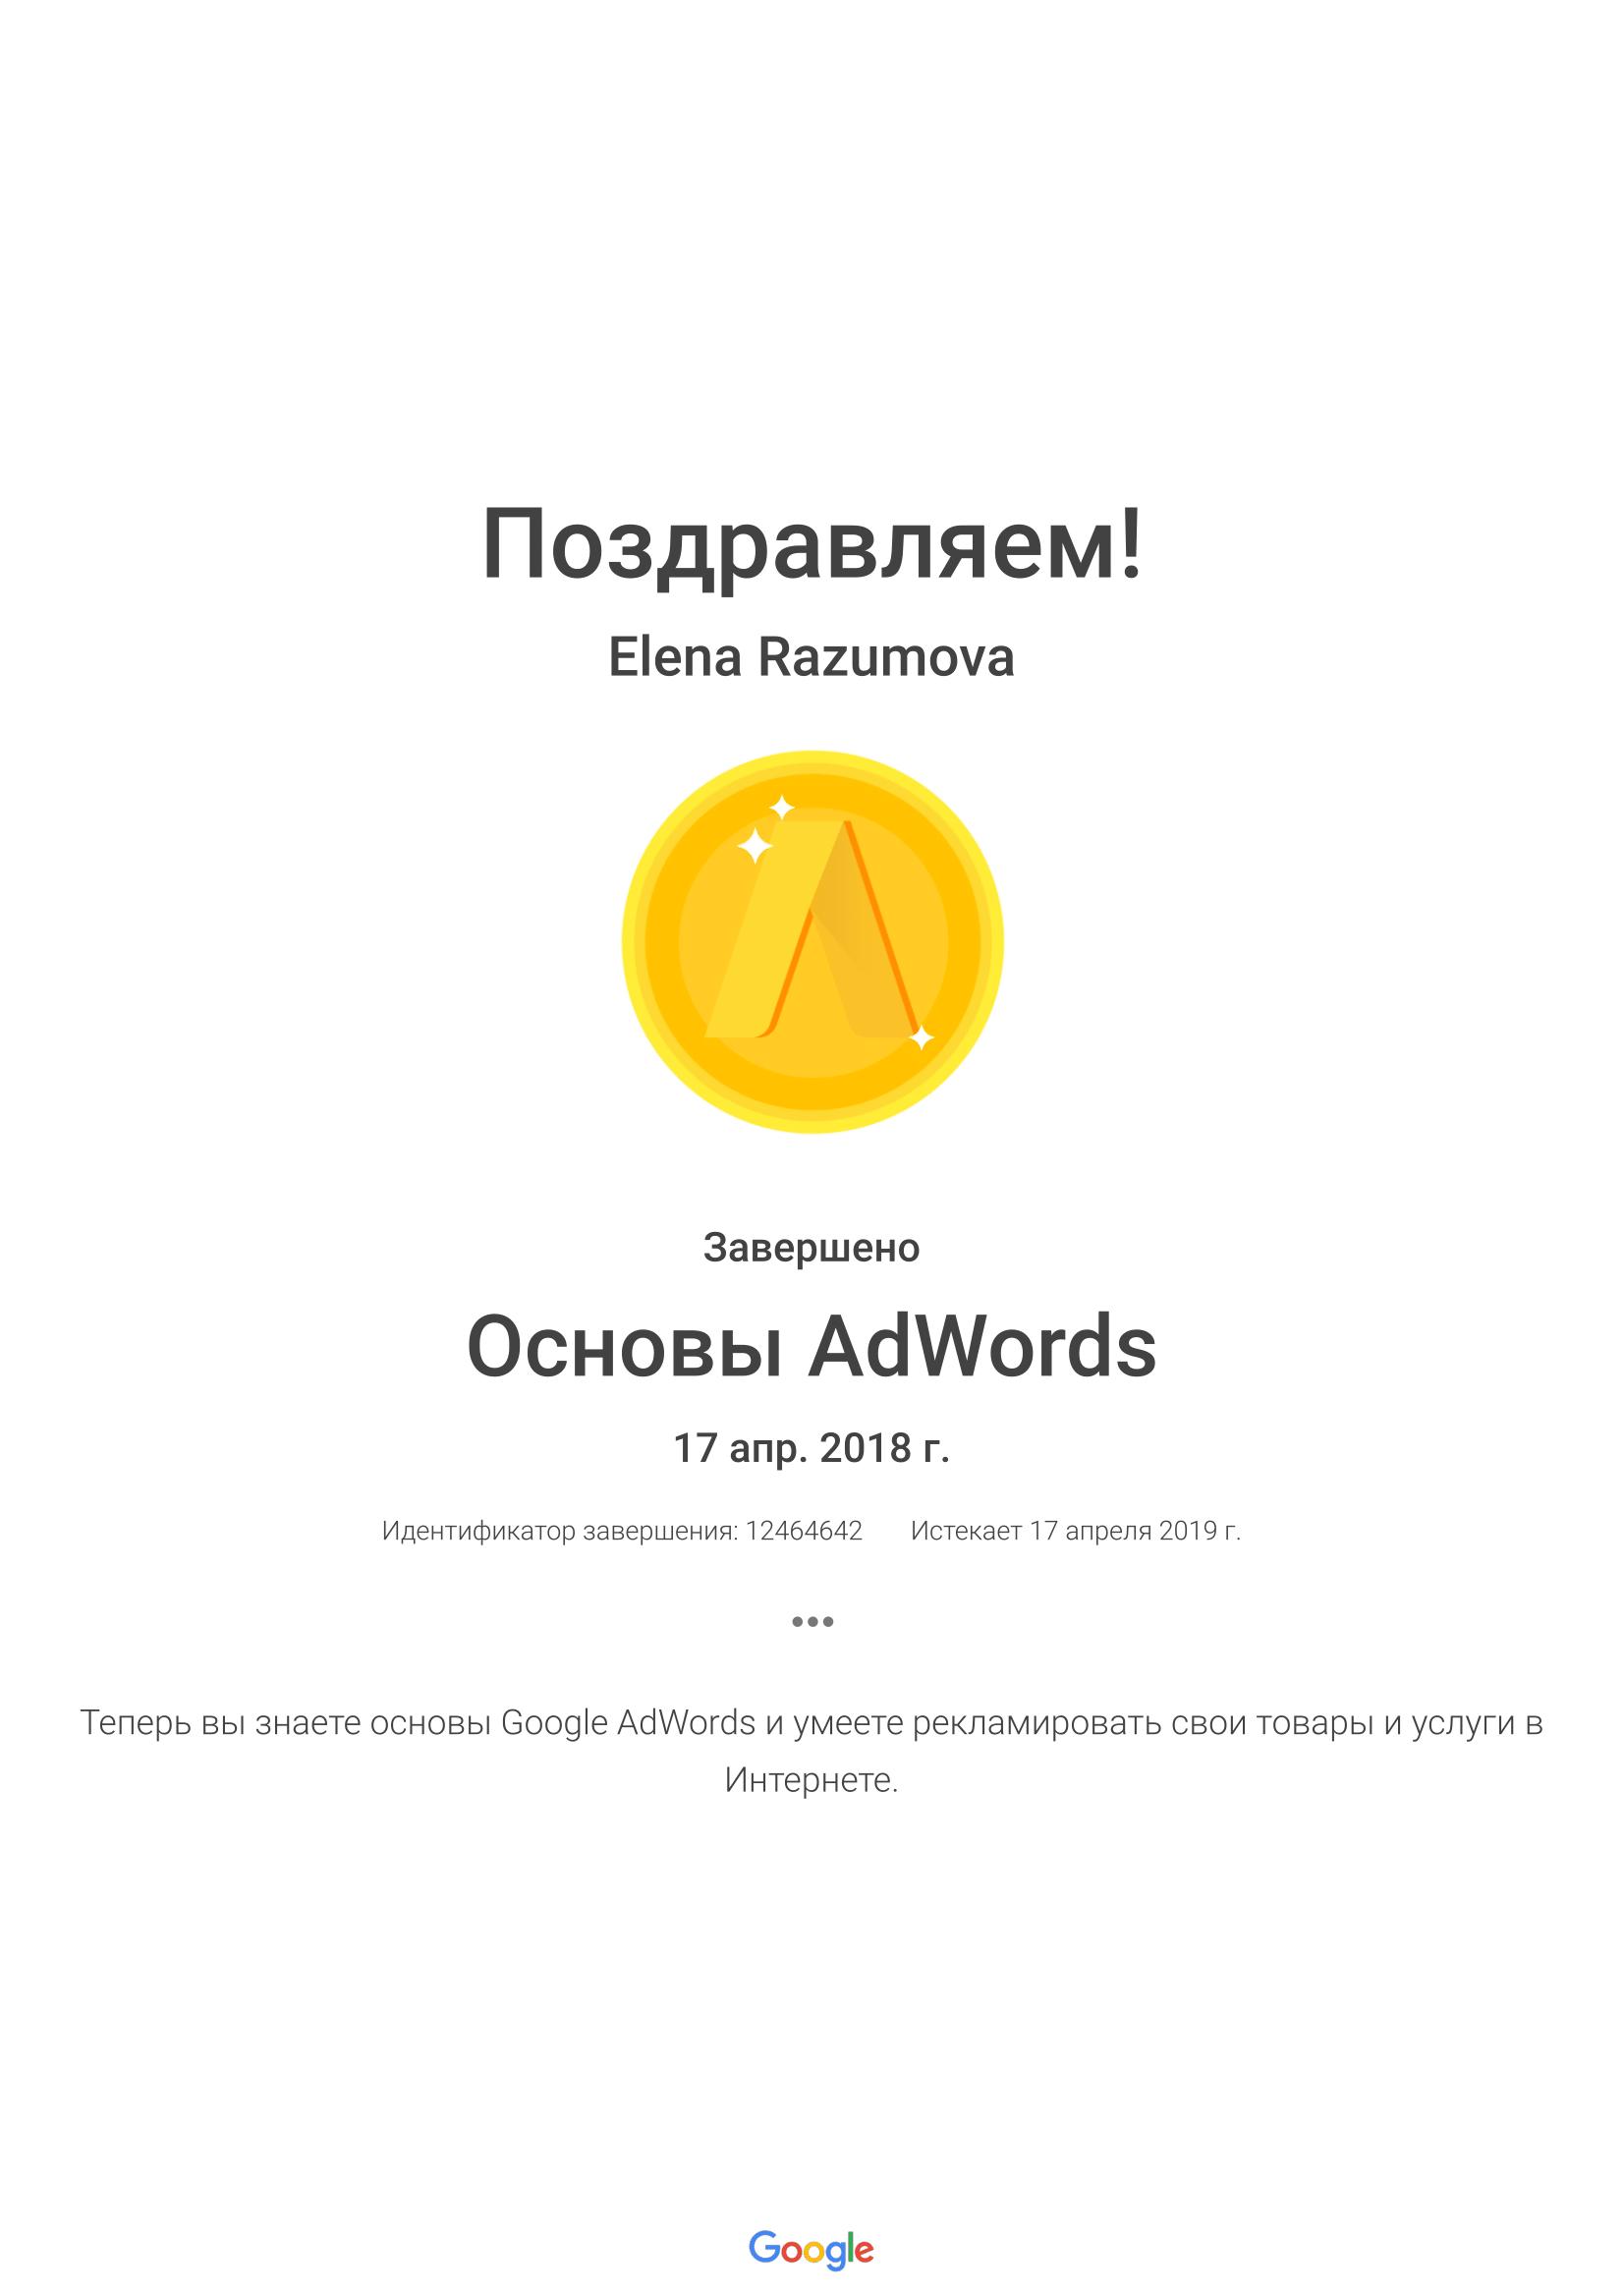 elkris — Google AdWords